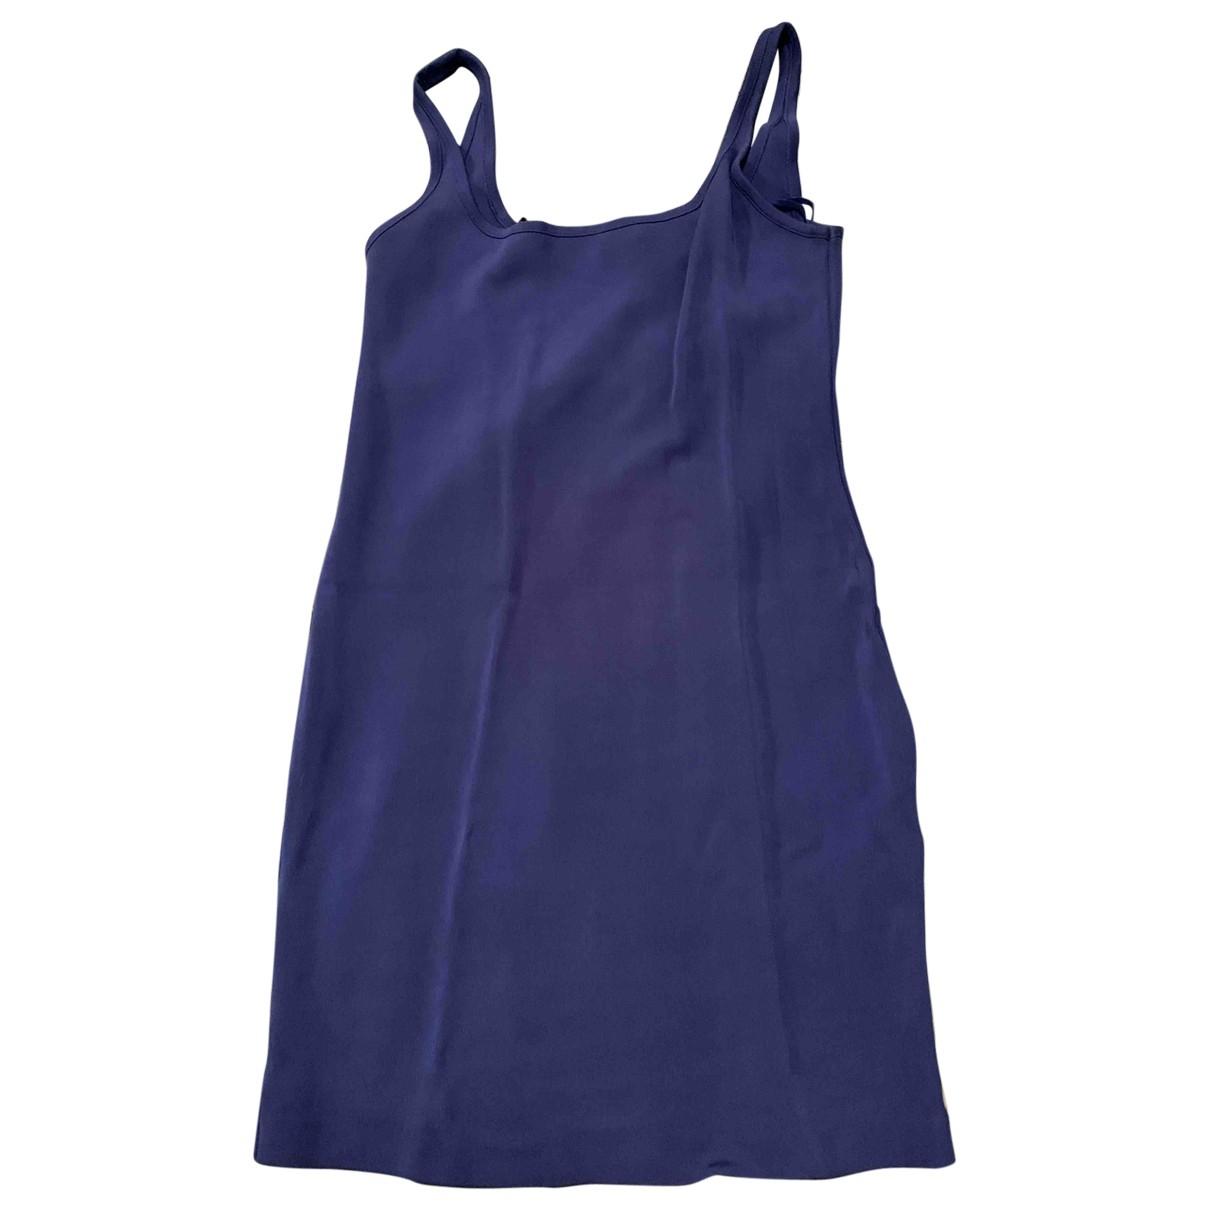 & Other Stories \N Kleid in  Blau Viskose